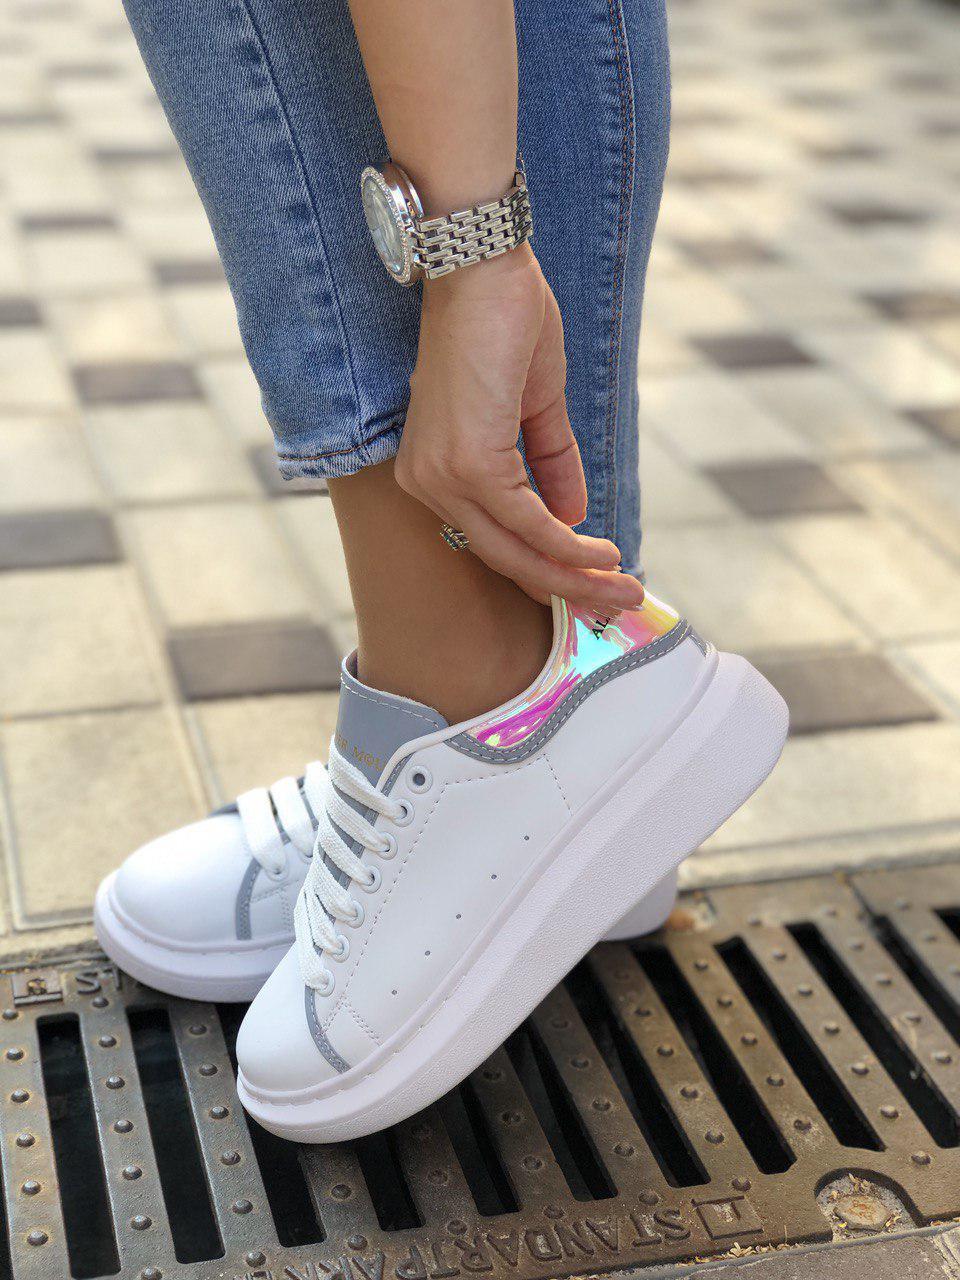 Женские кроссовки Alexander McQueen из натуральной кожи (рефлективные)